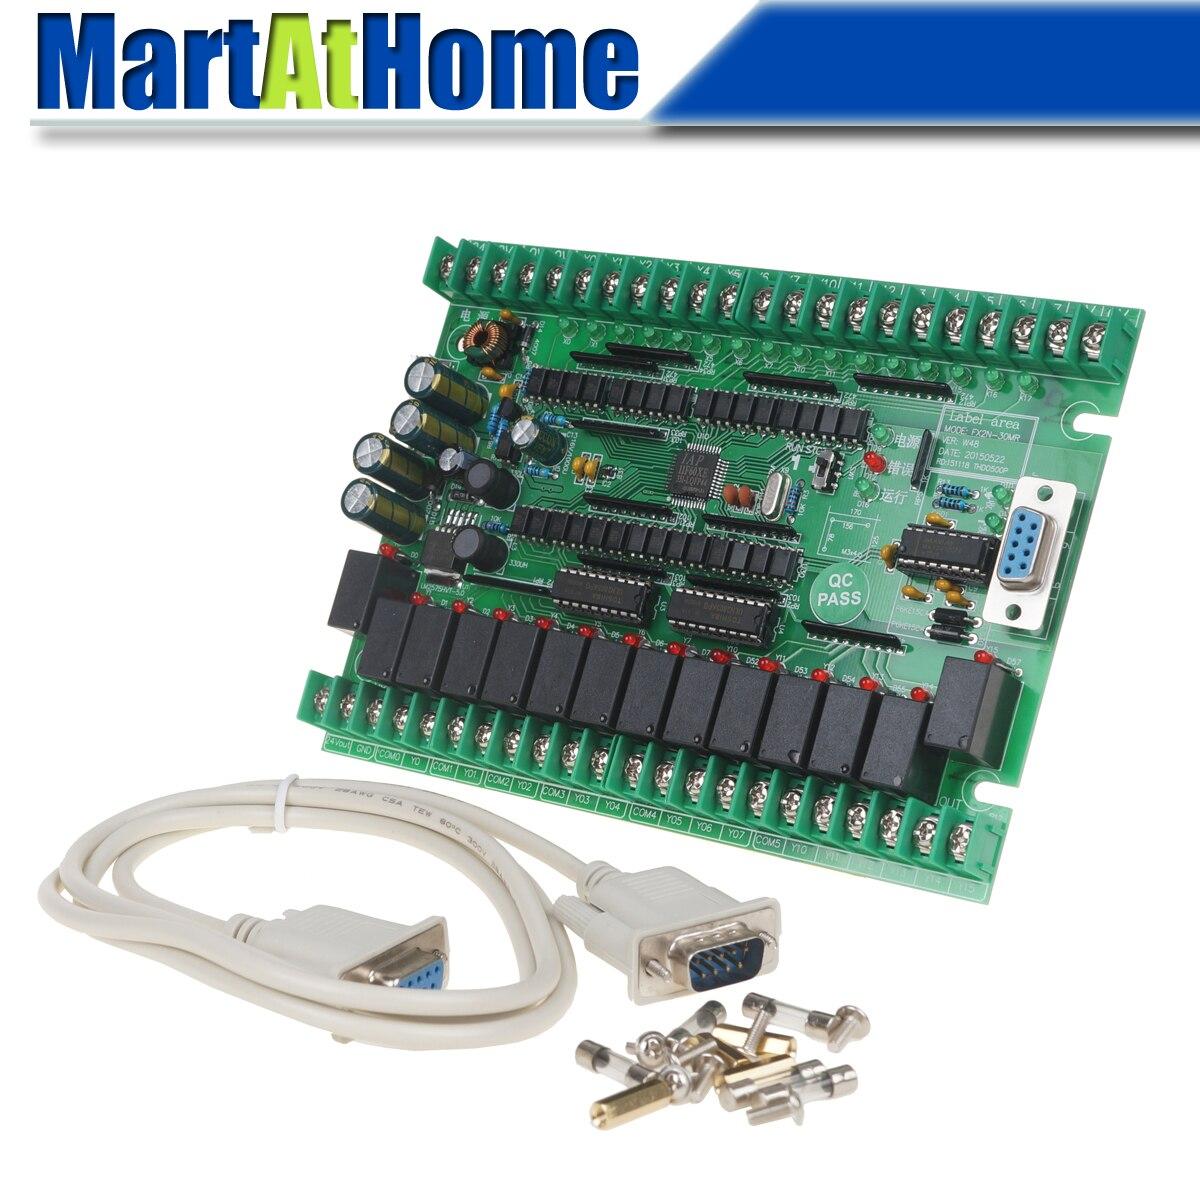 FX2N 30MR 51 Plc プログラマブルロジックコントローラ PLC マイコン制御ボード制御パネル GX7.0  GX8.52 # SM539 @ SD  グループ上の 家のリフォーム からの モータコントローラ の中 1